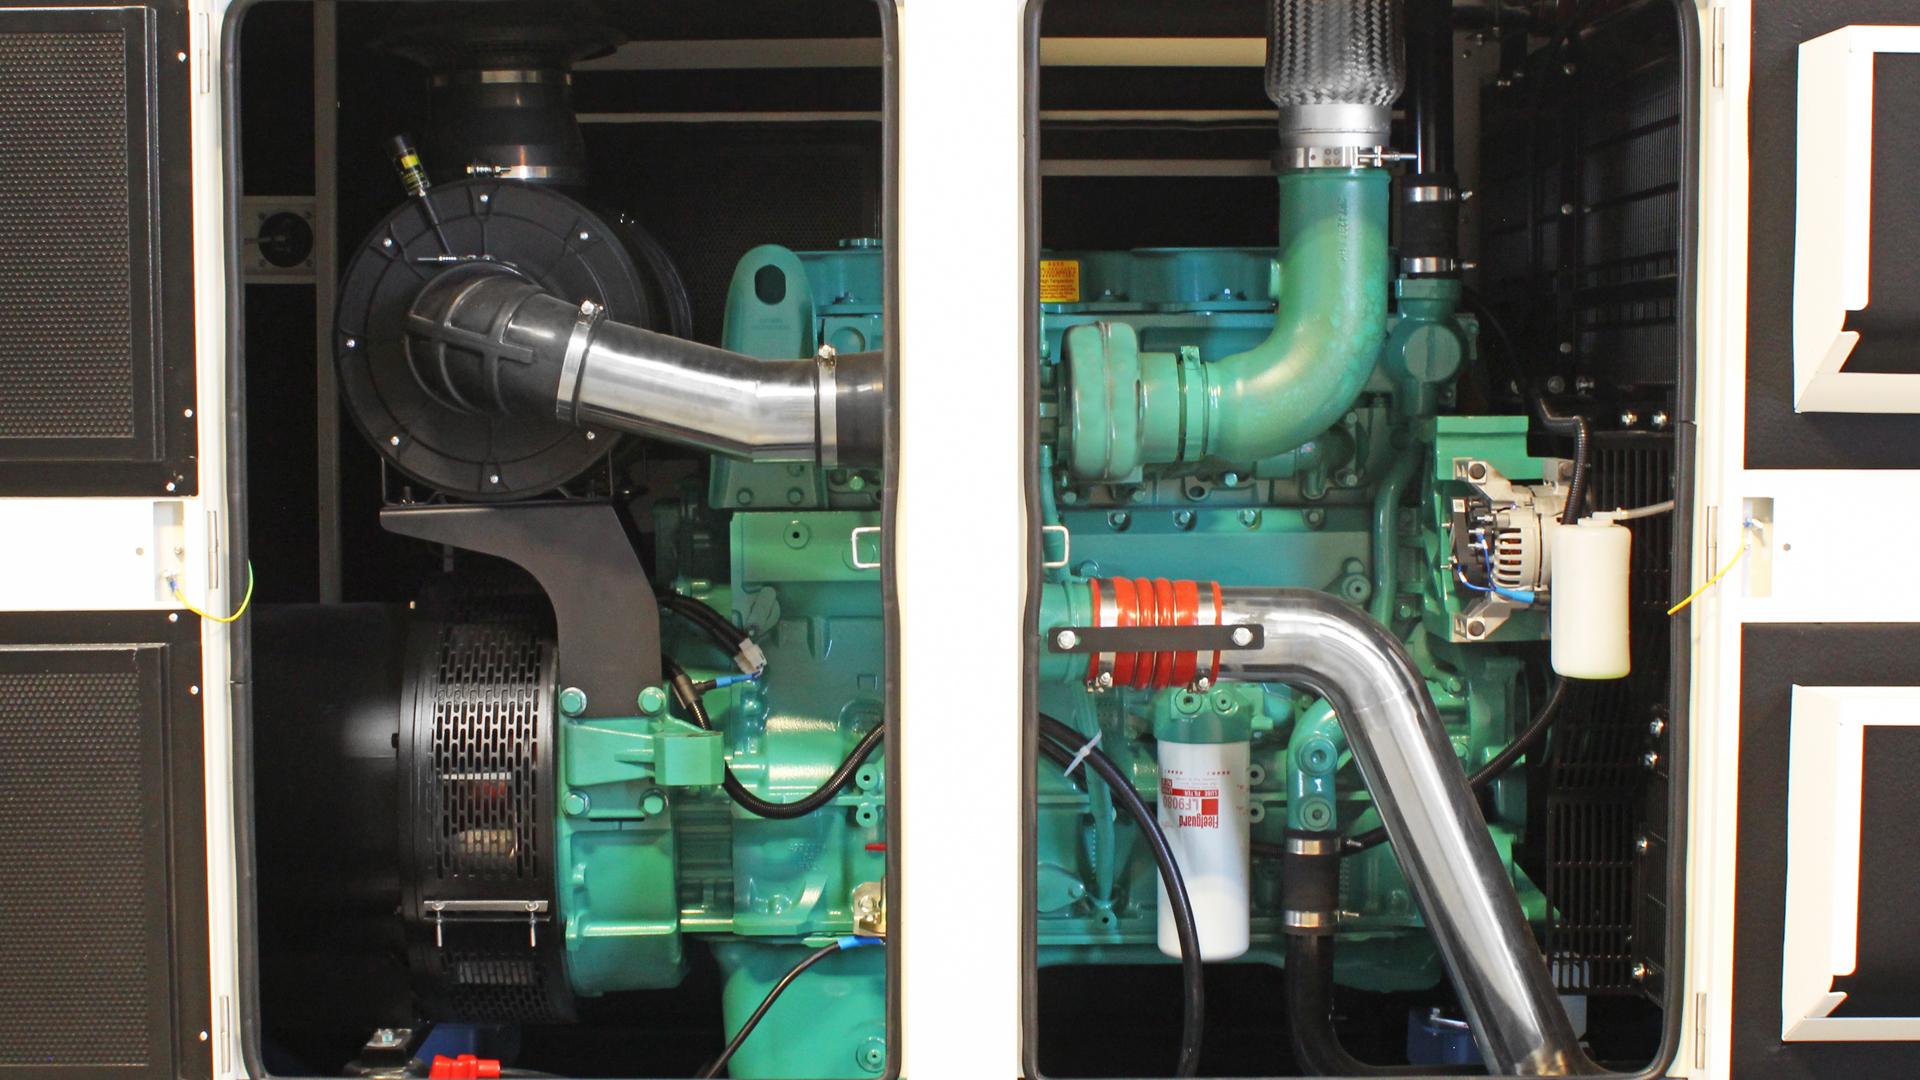 Canopy doors open showing Cummins genset engine 6ZTAA13